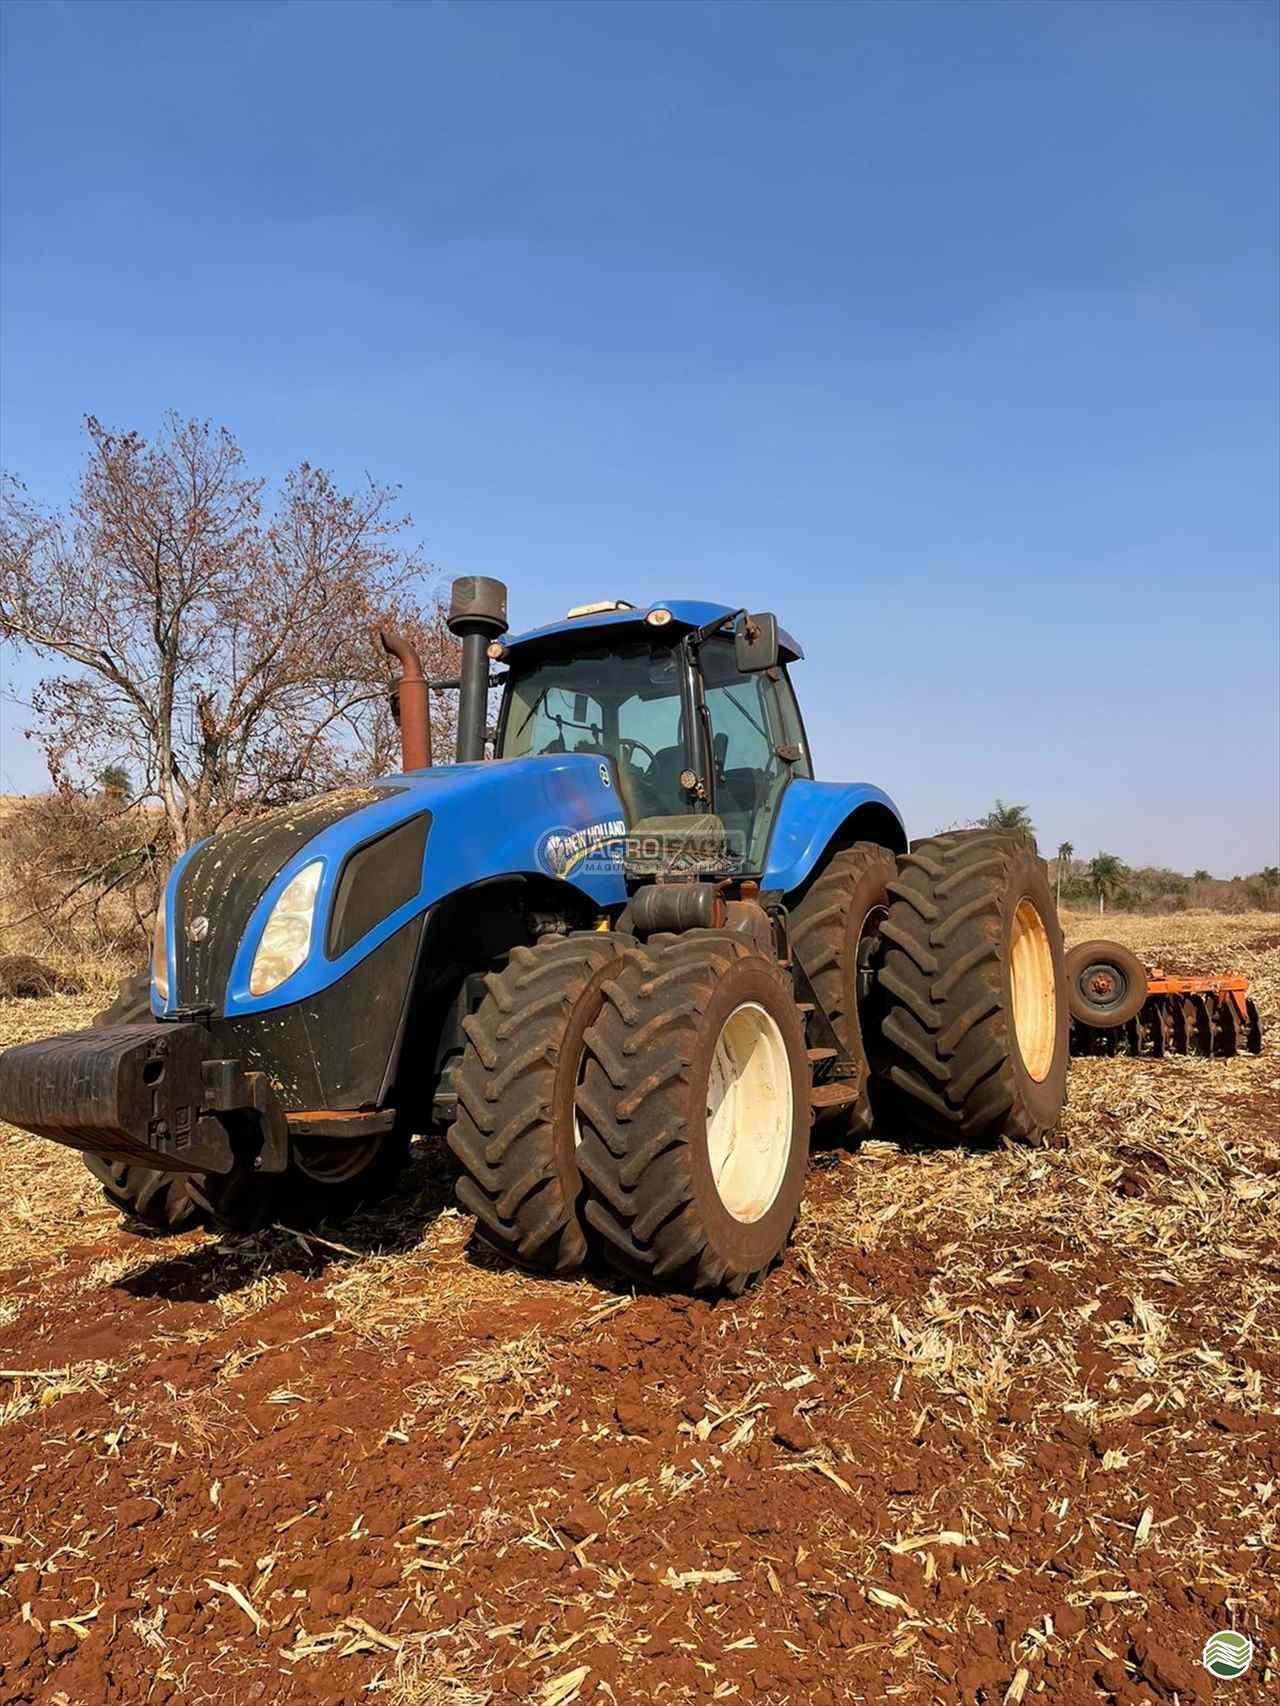 TRATOR NEW HOLLAND NEW T8 385 Tração 4x4 Agro Fácil Máquinas PRIMAVERA DO LESTE MATO GROSSO MT